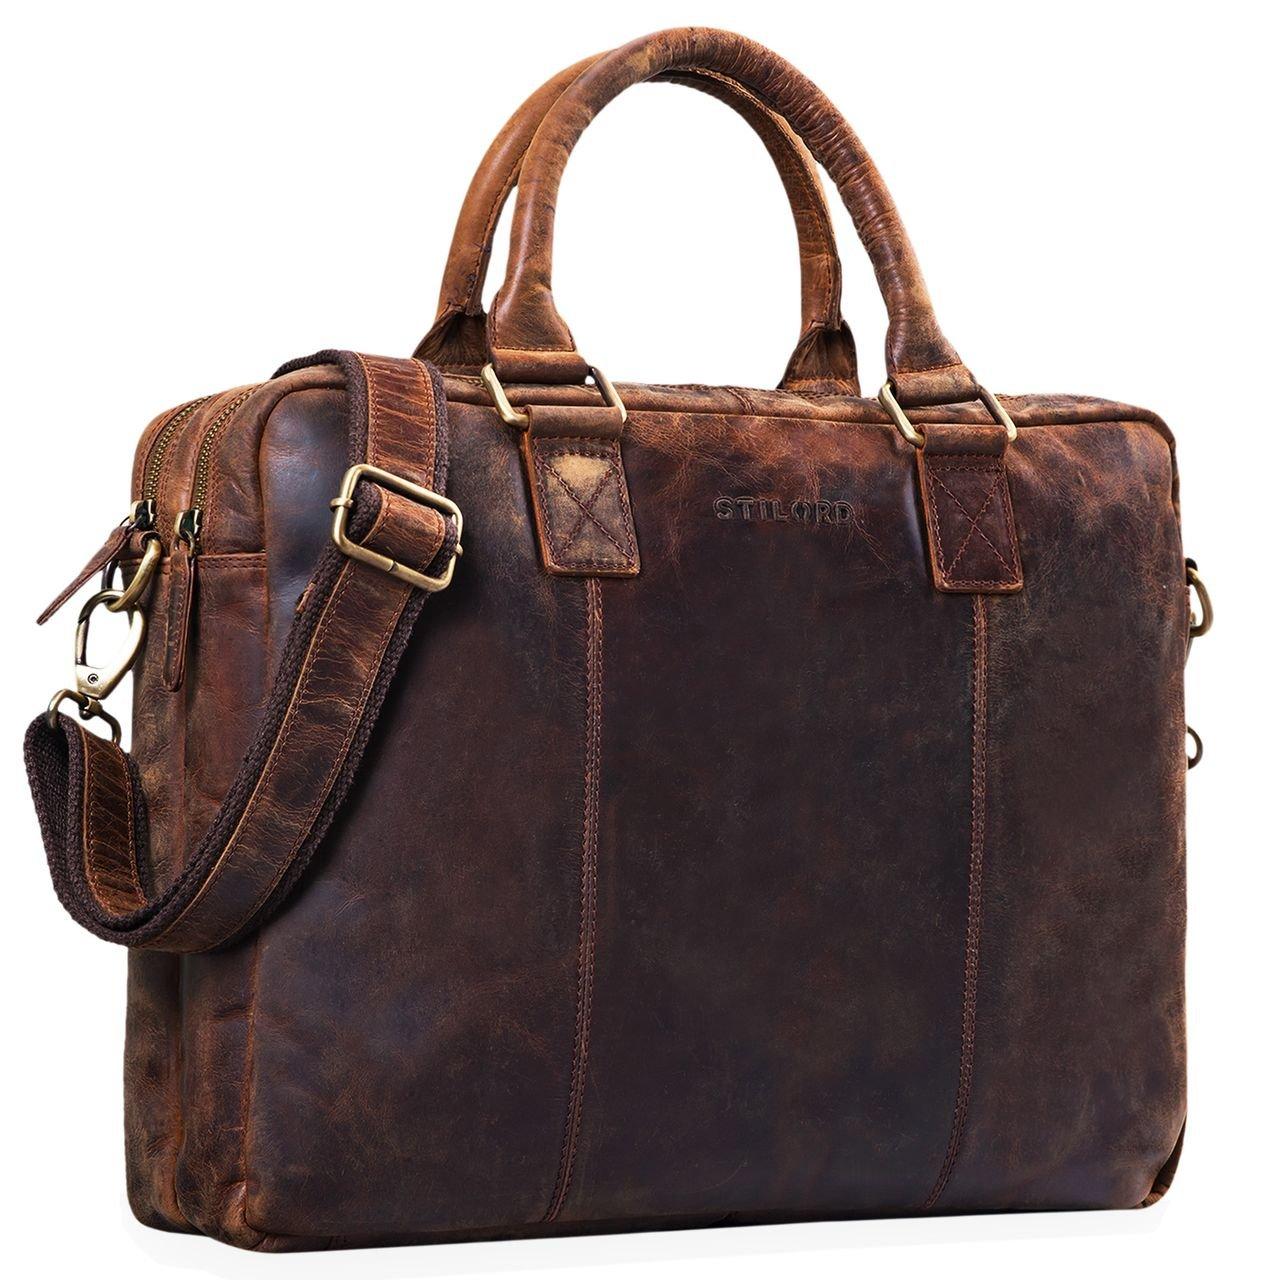 STILORD 'Zacharias' Vintage Businesstasche Leder Aktentasche groß XL 15,6 Zoll Laptoptasche Schultertasche Umhängetasche Echtleder, Farbe:girona - braun